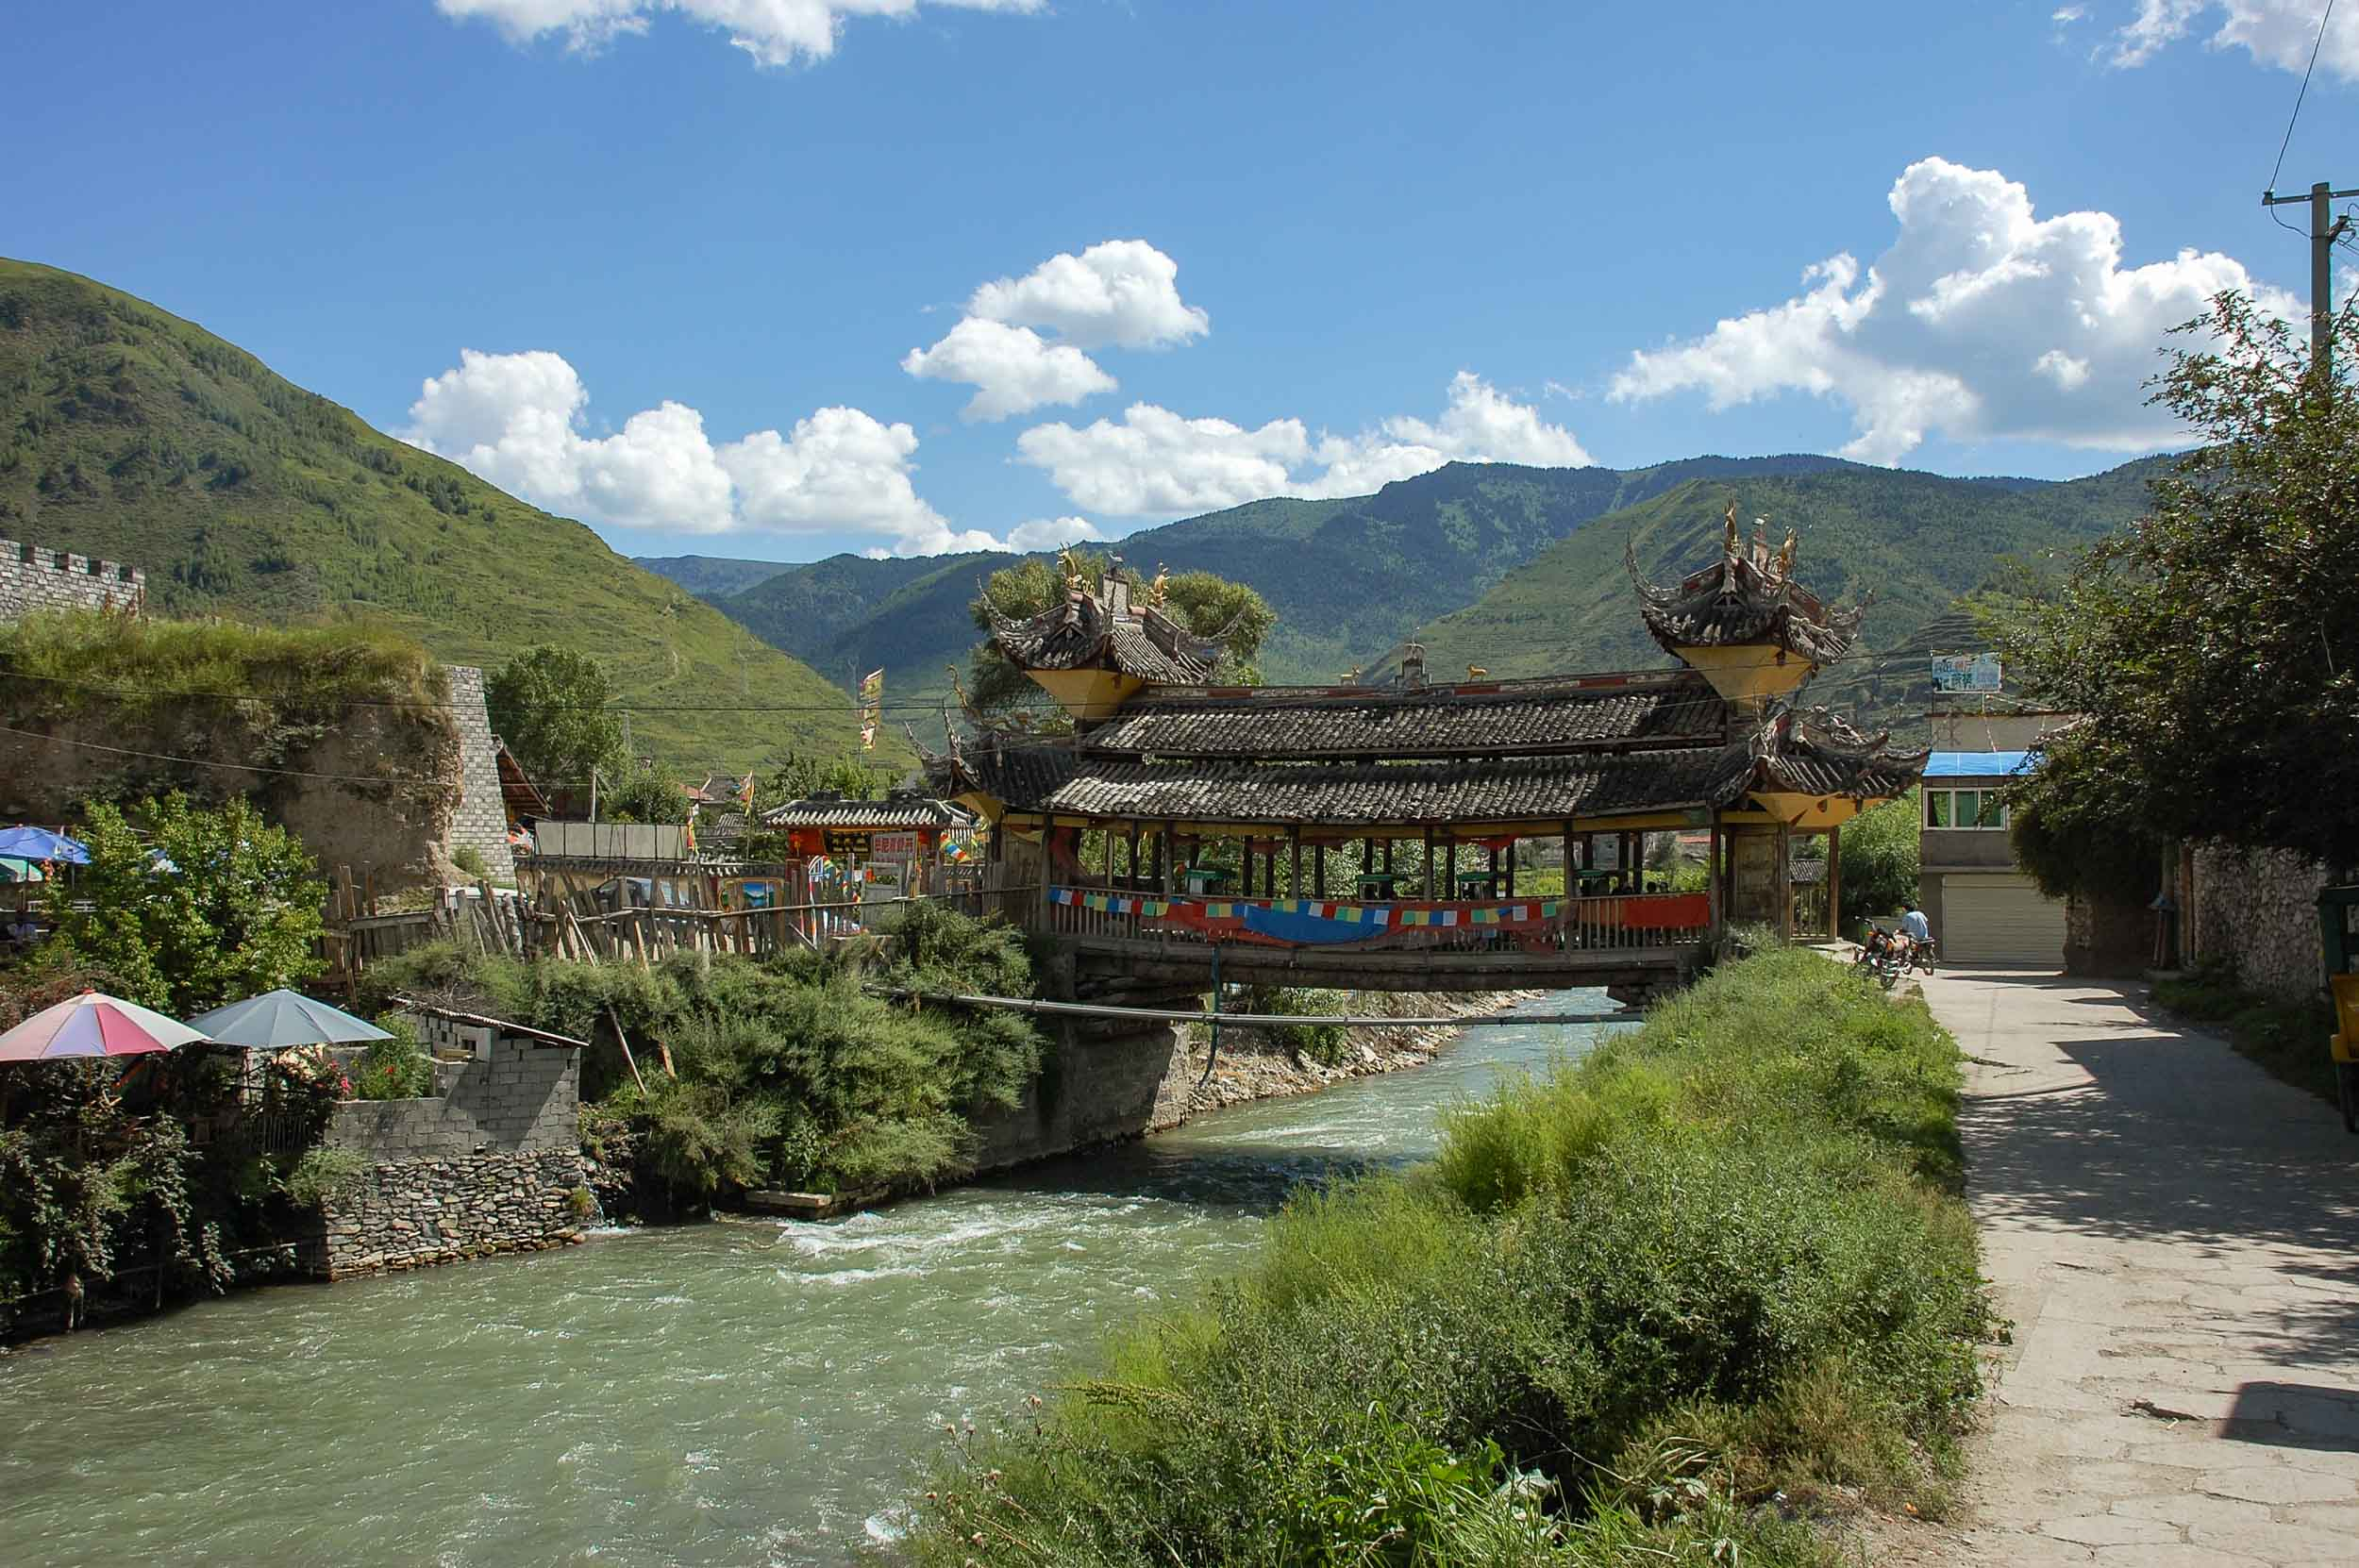 松潘 岷江に架かる古い橋